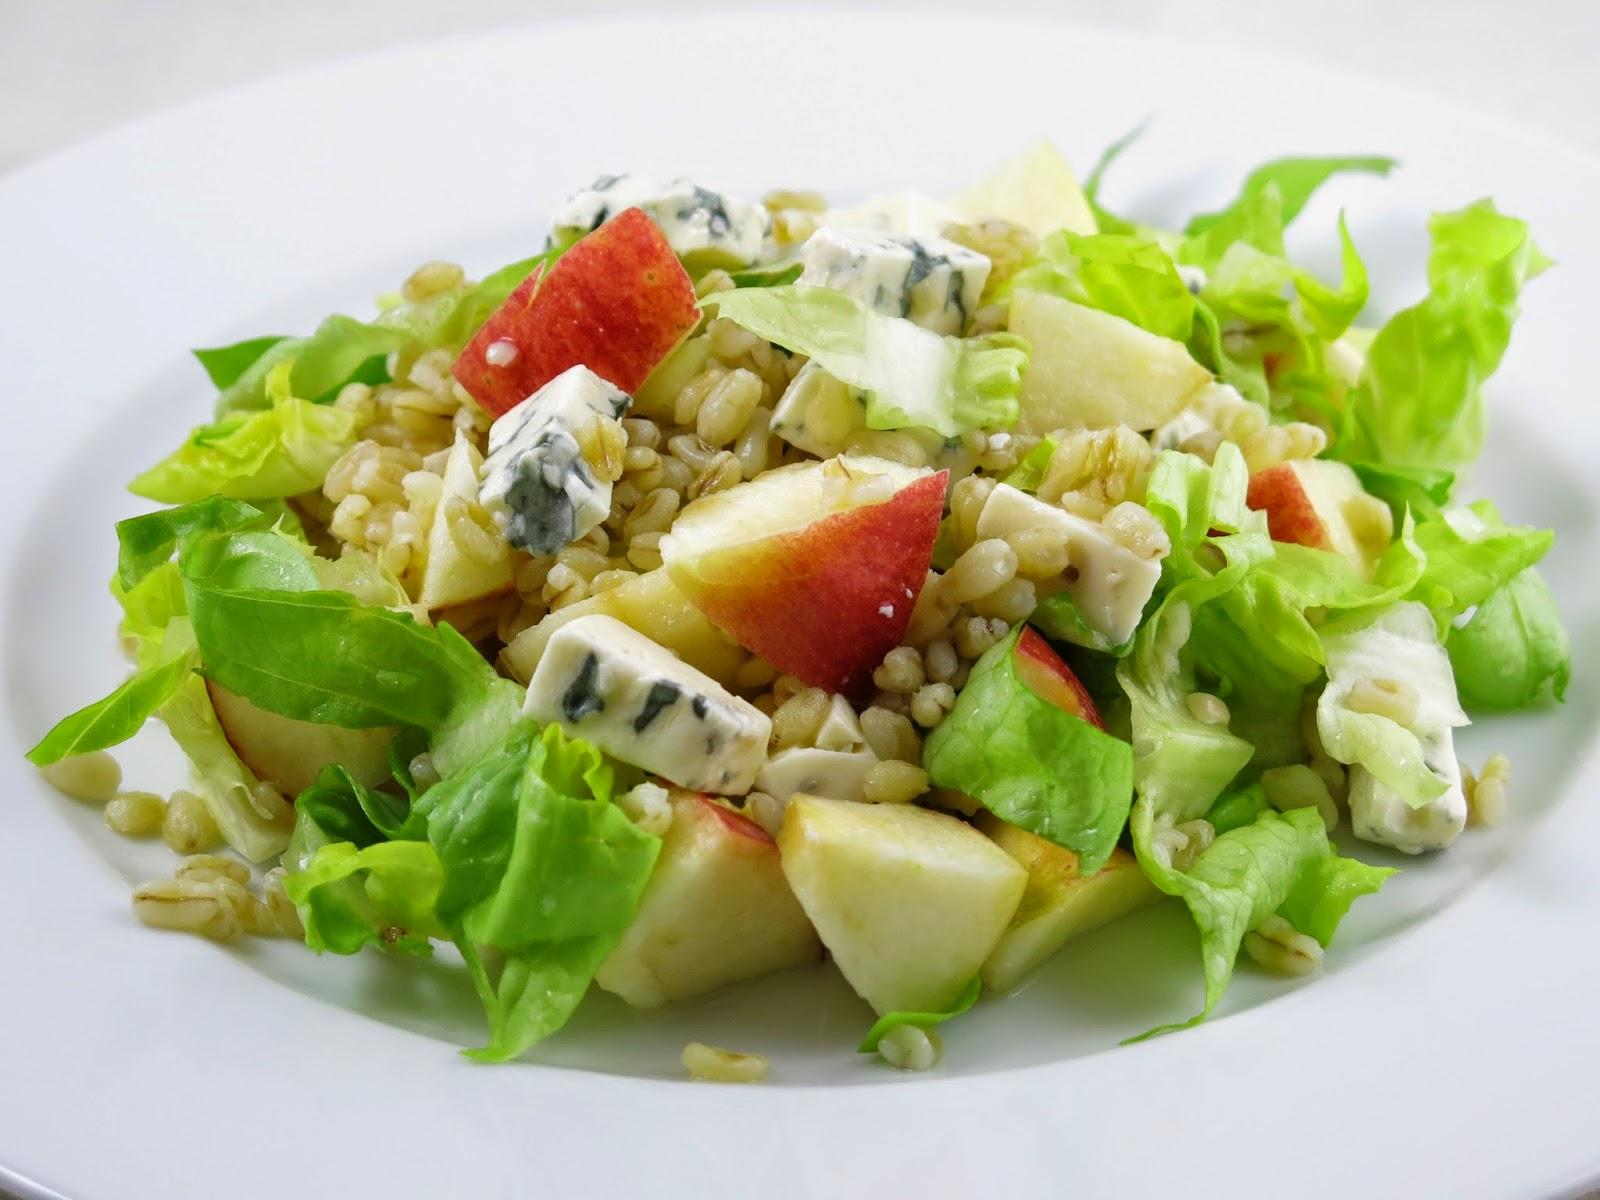 http://carrotcake.fr/fr/recipes/salade-de-ble-a-la-fourme-d-ambert-et-aux-pommes